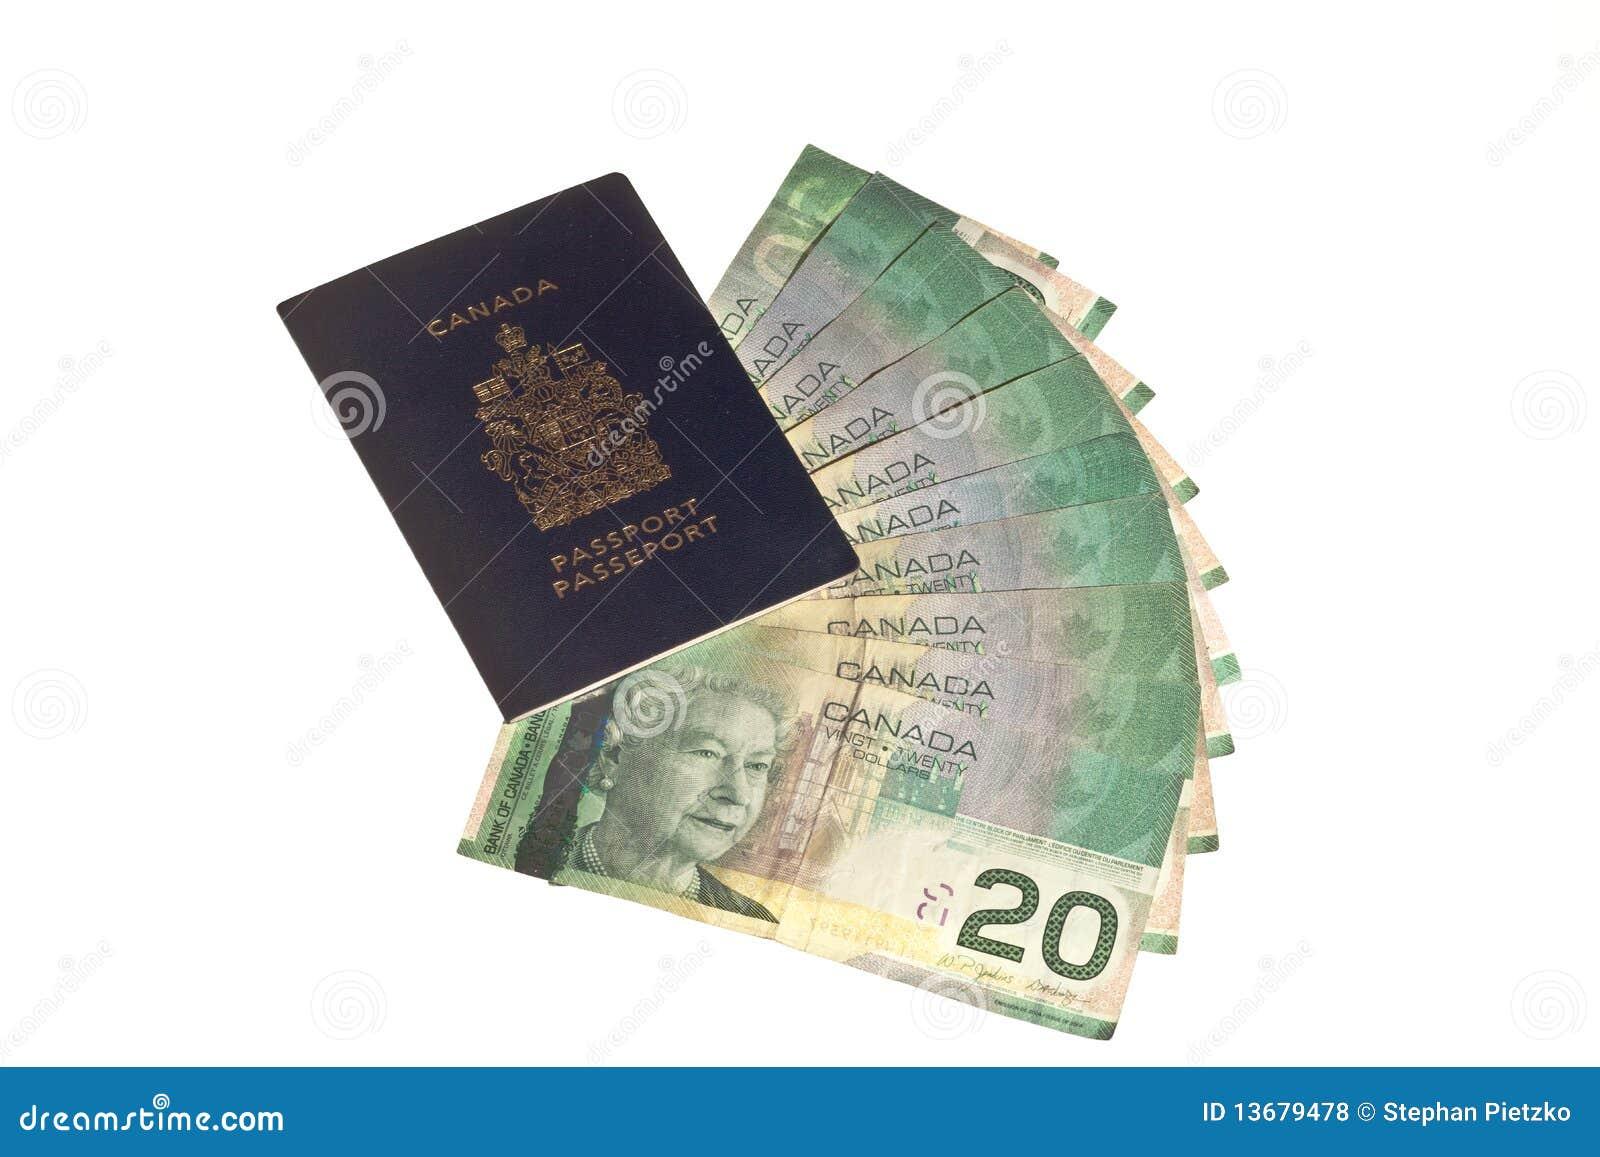 Pasaporte Canadiense Y Dinero Canadiense Foto de archivo - Imagen ...